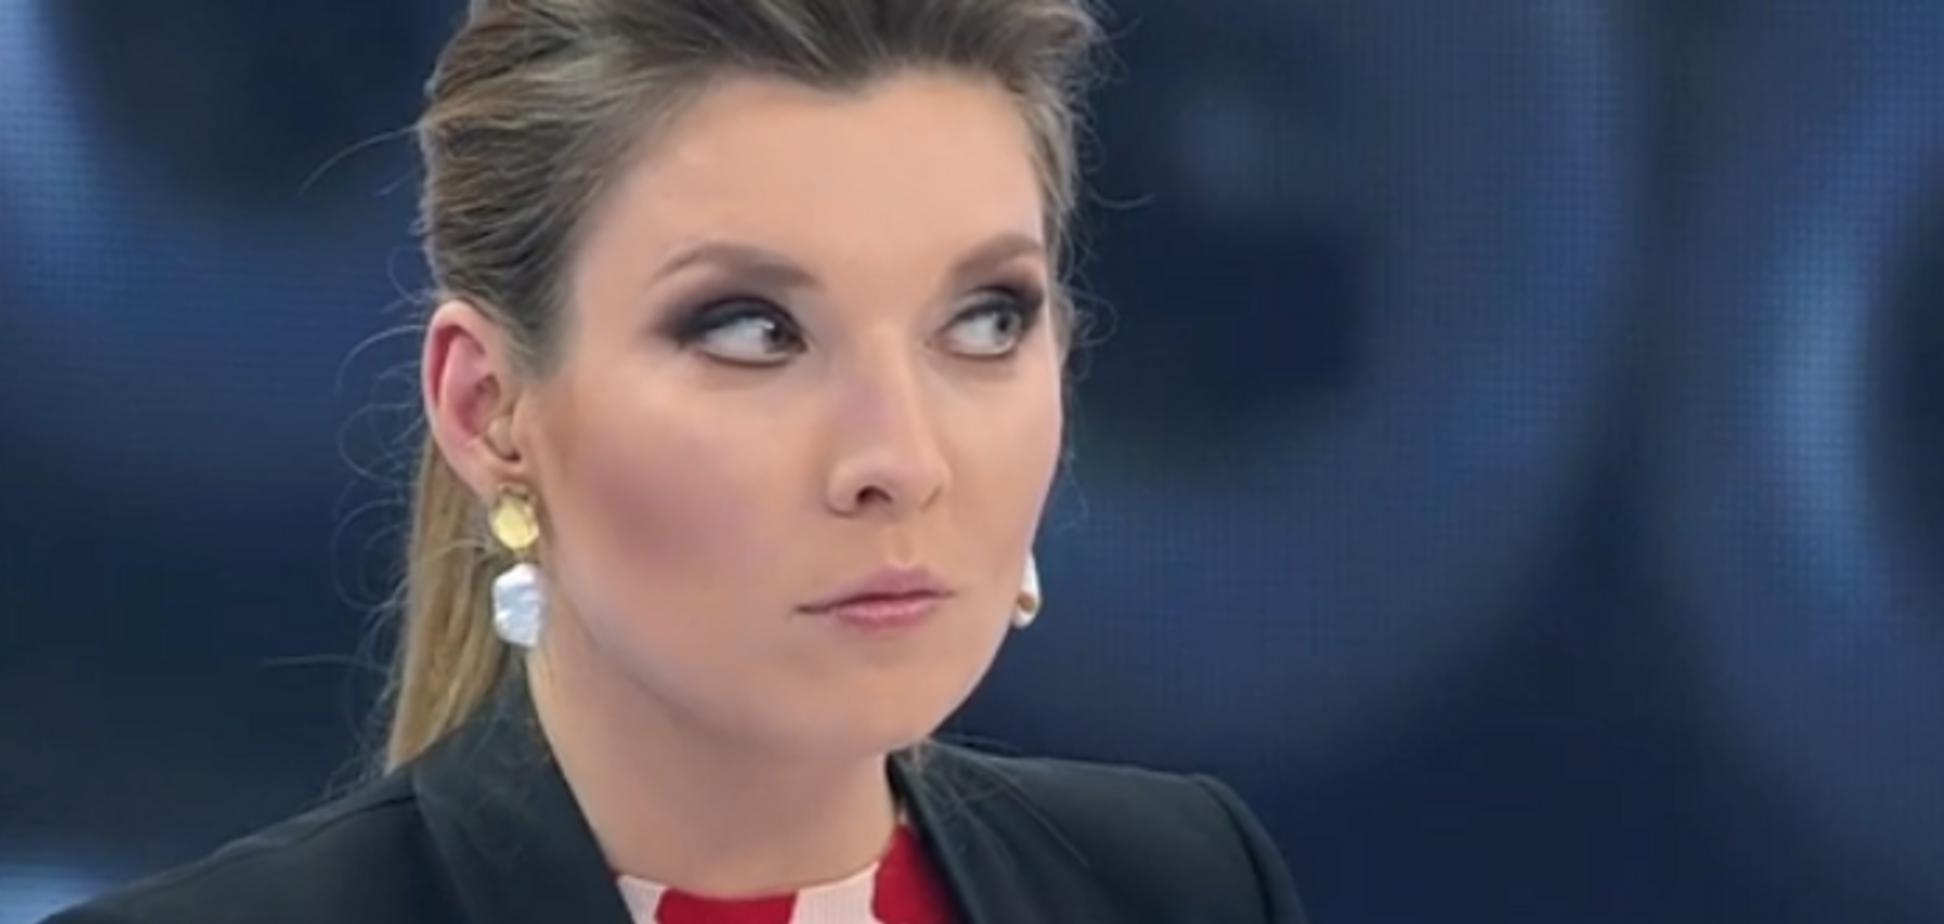 ''Ветеран'' із дитсадка: пропагандистка Путіна осоромилася в прямому ефірі